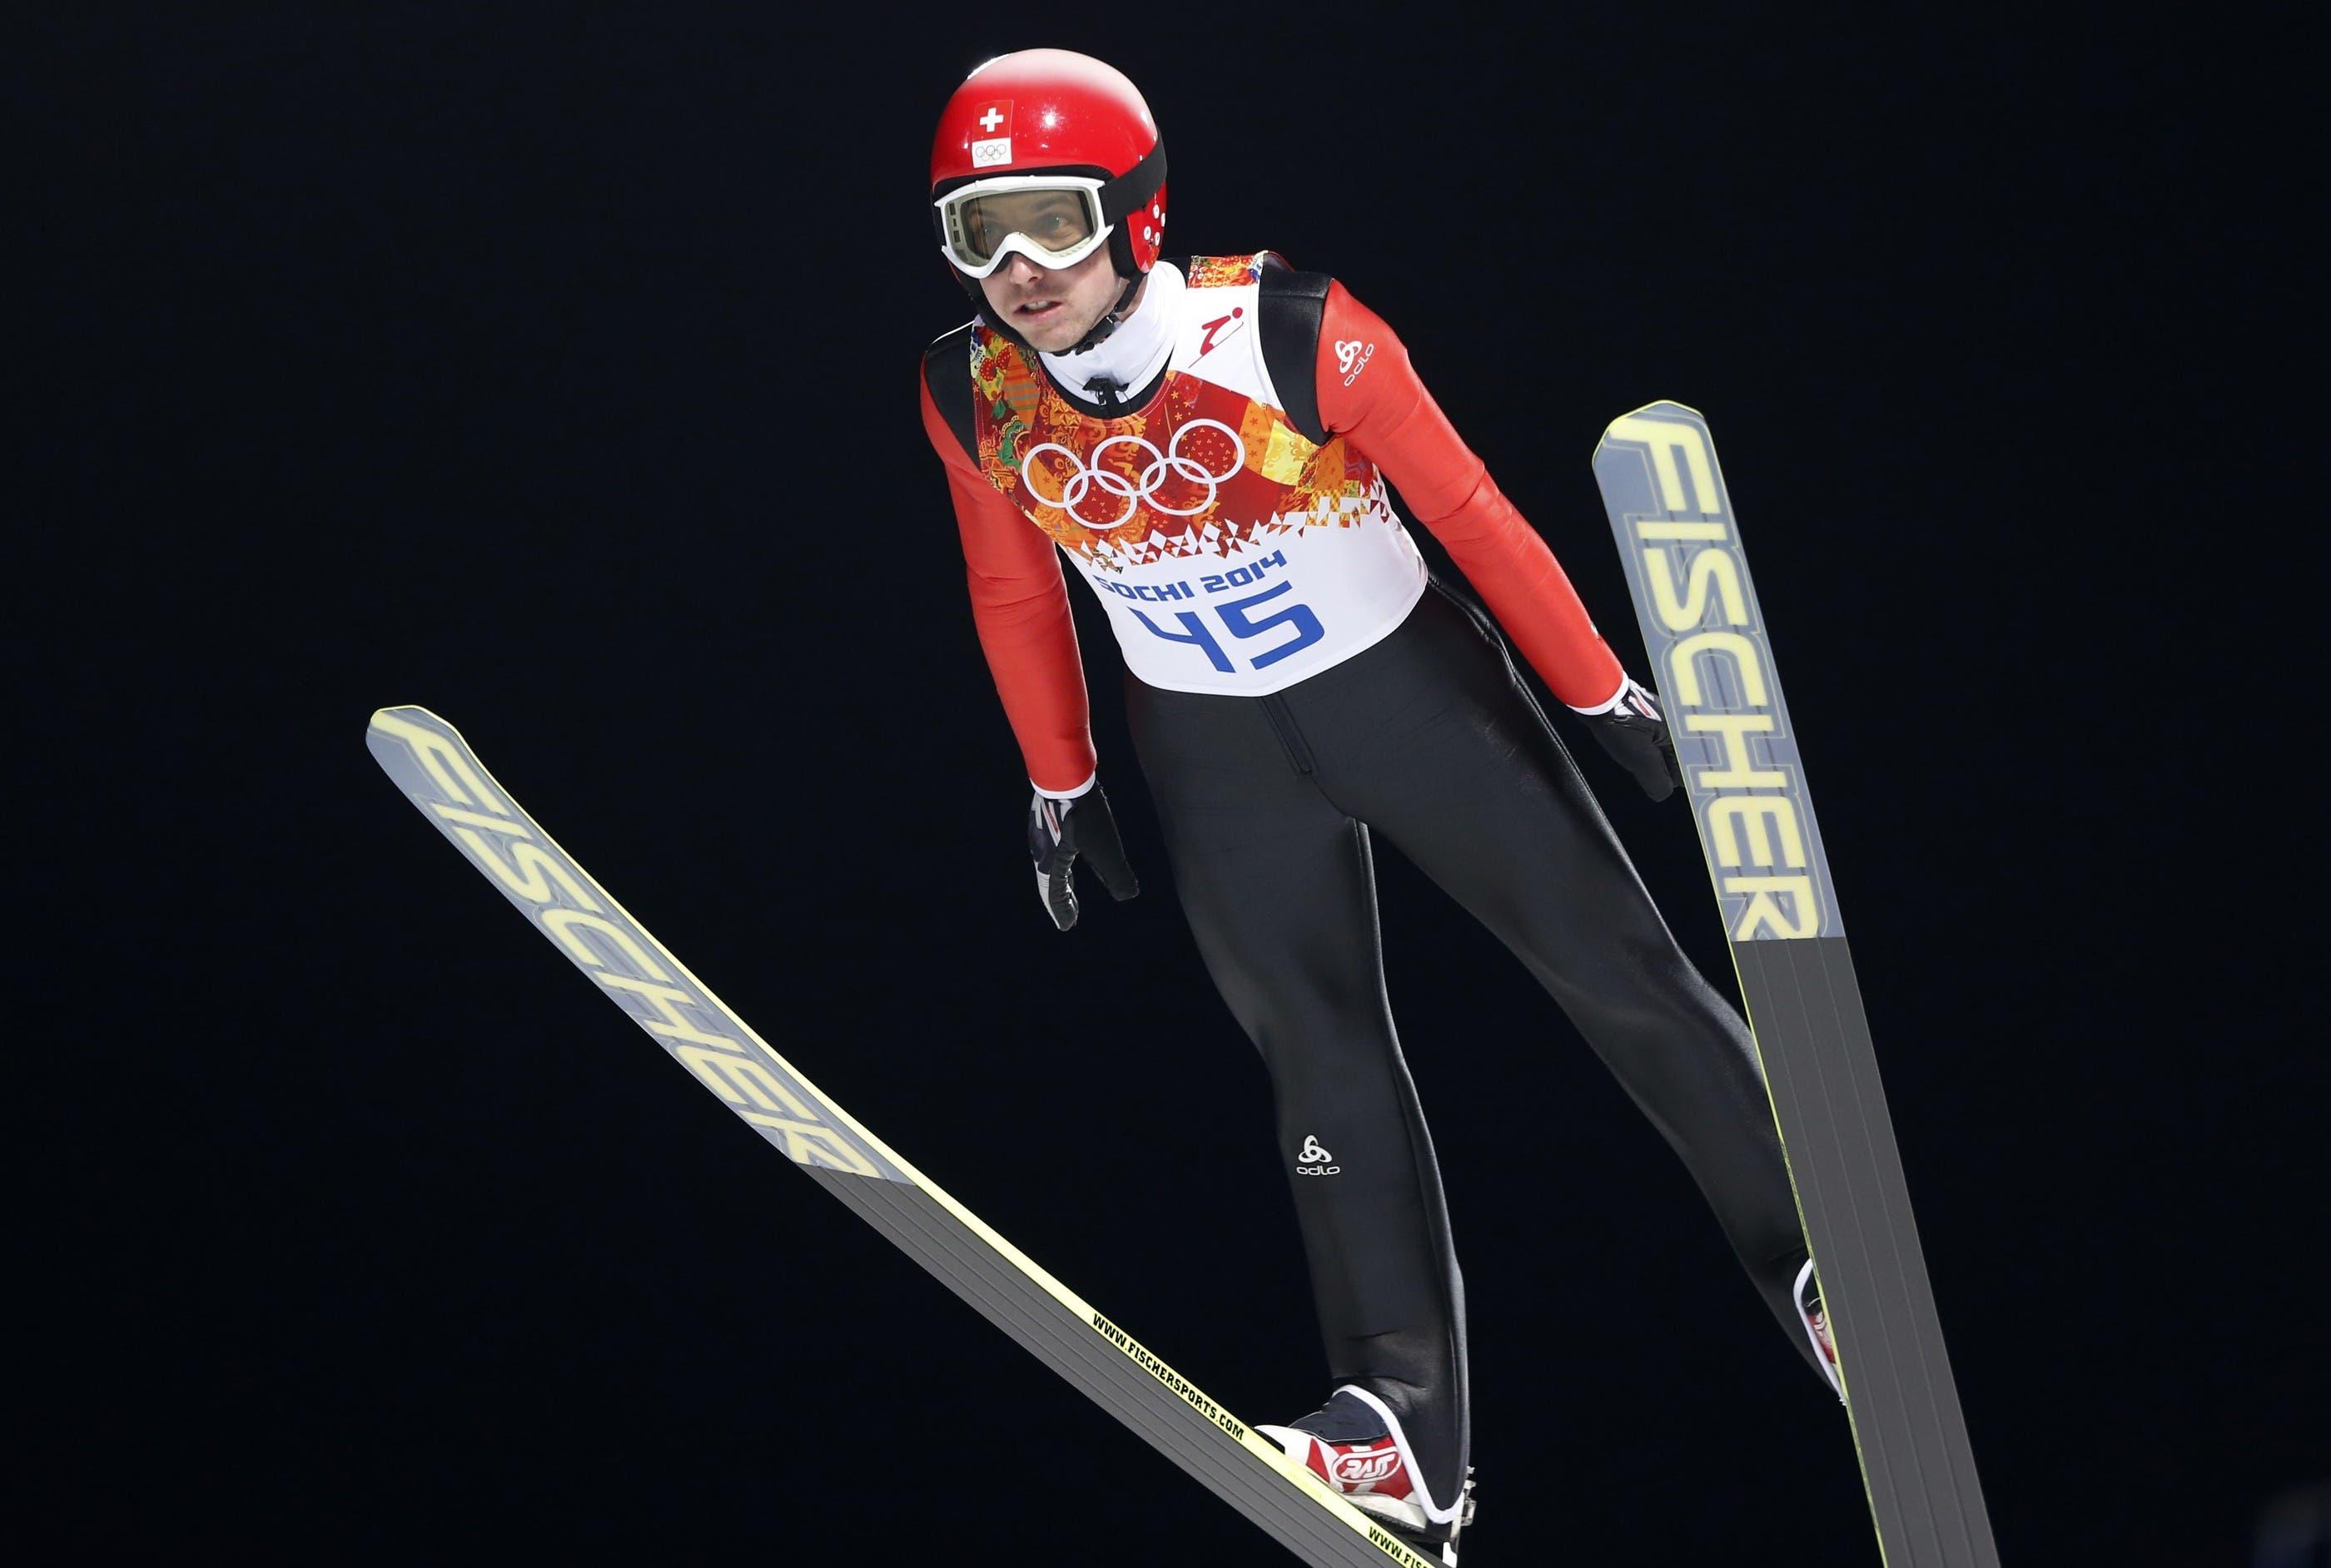 Simon Ammann auf der Normalschanze in Sotschi